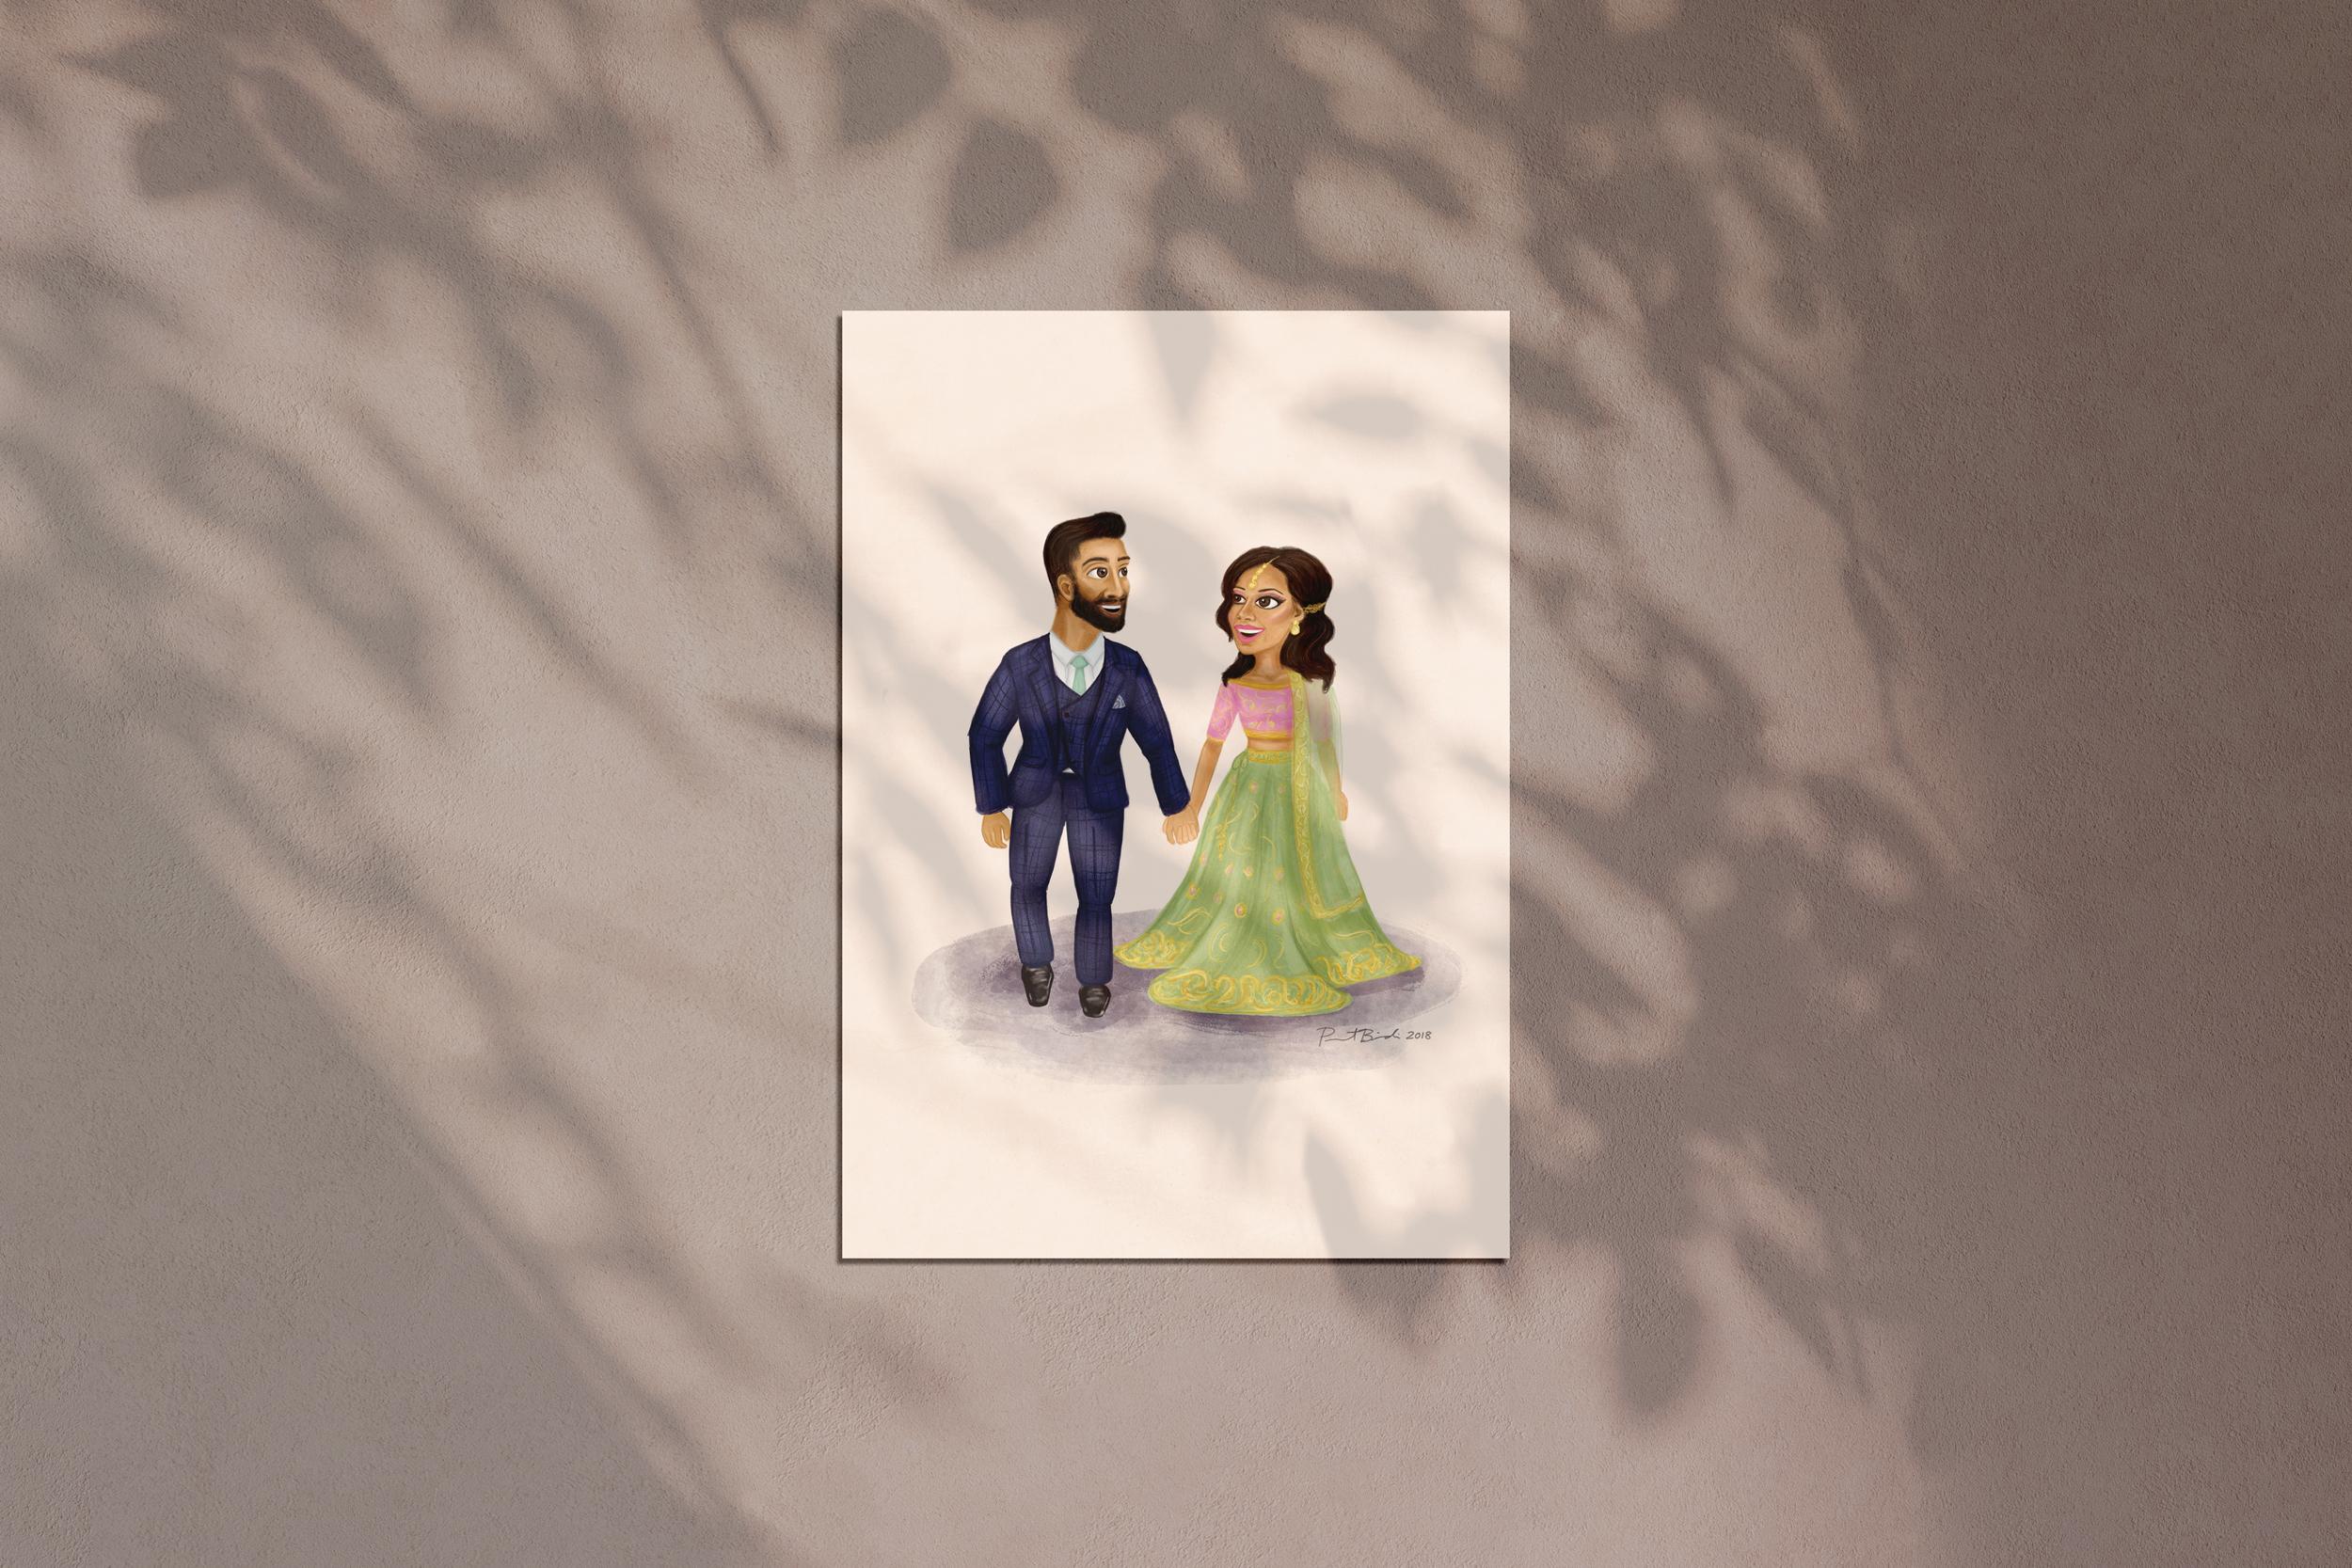 Cartoon illustration of Avi & Navi